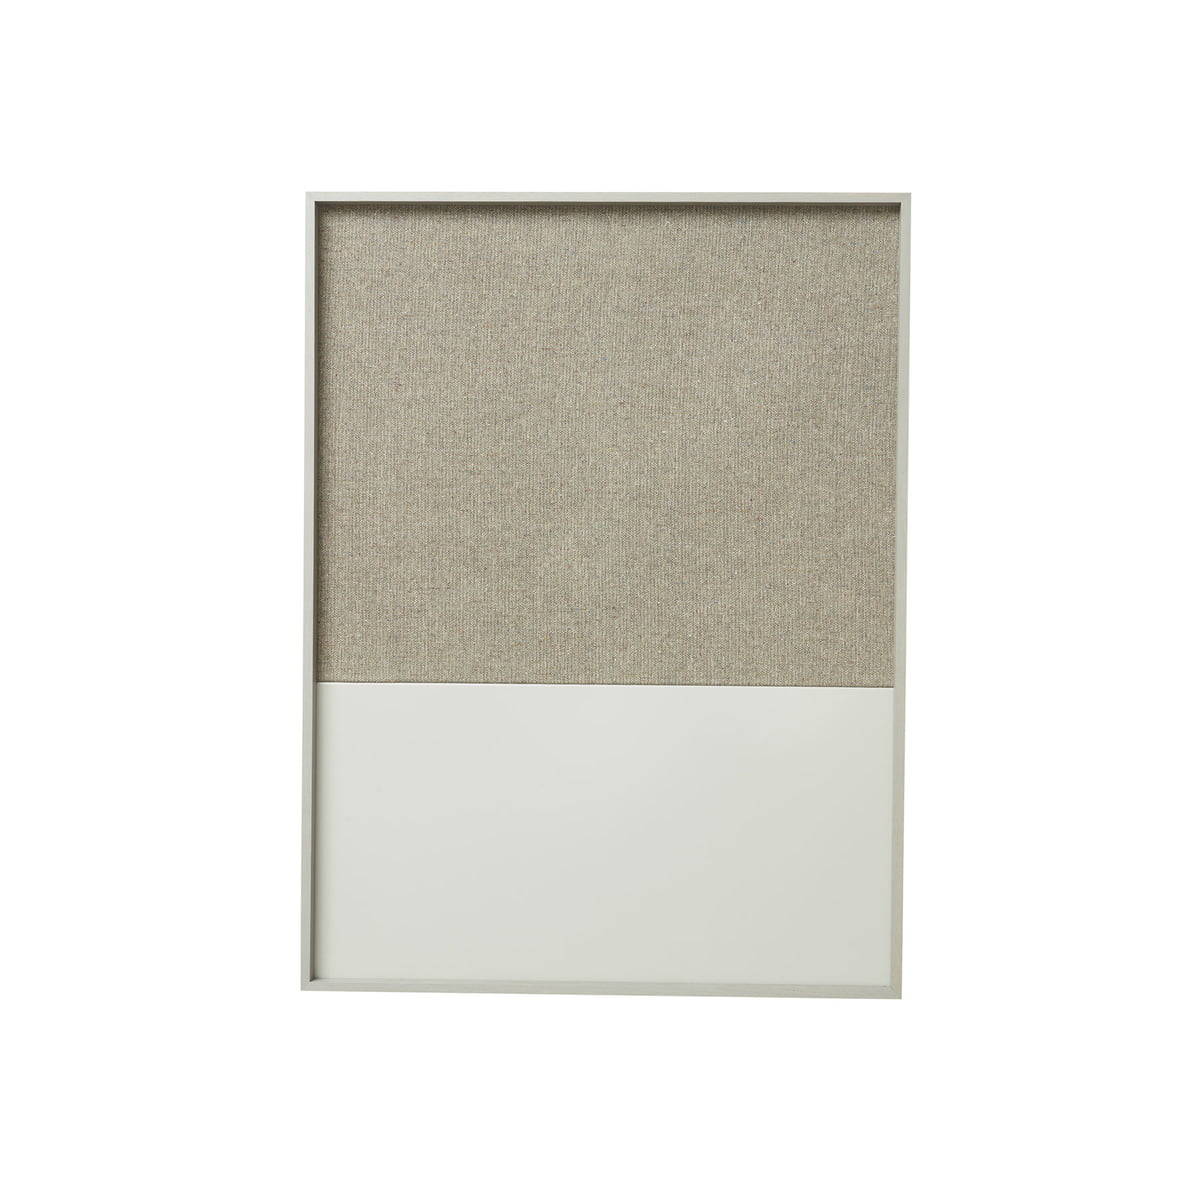 ferm Living - Frame Pinnwand small, grau | Büro > Tafeln und Boards | Grau | Rahmen: eiche -  wand: baumwollgewebe -  kork -  metall pulverbeschichtet | ferm living